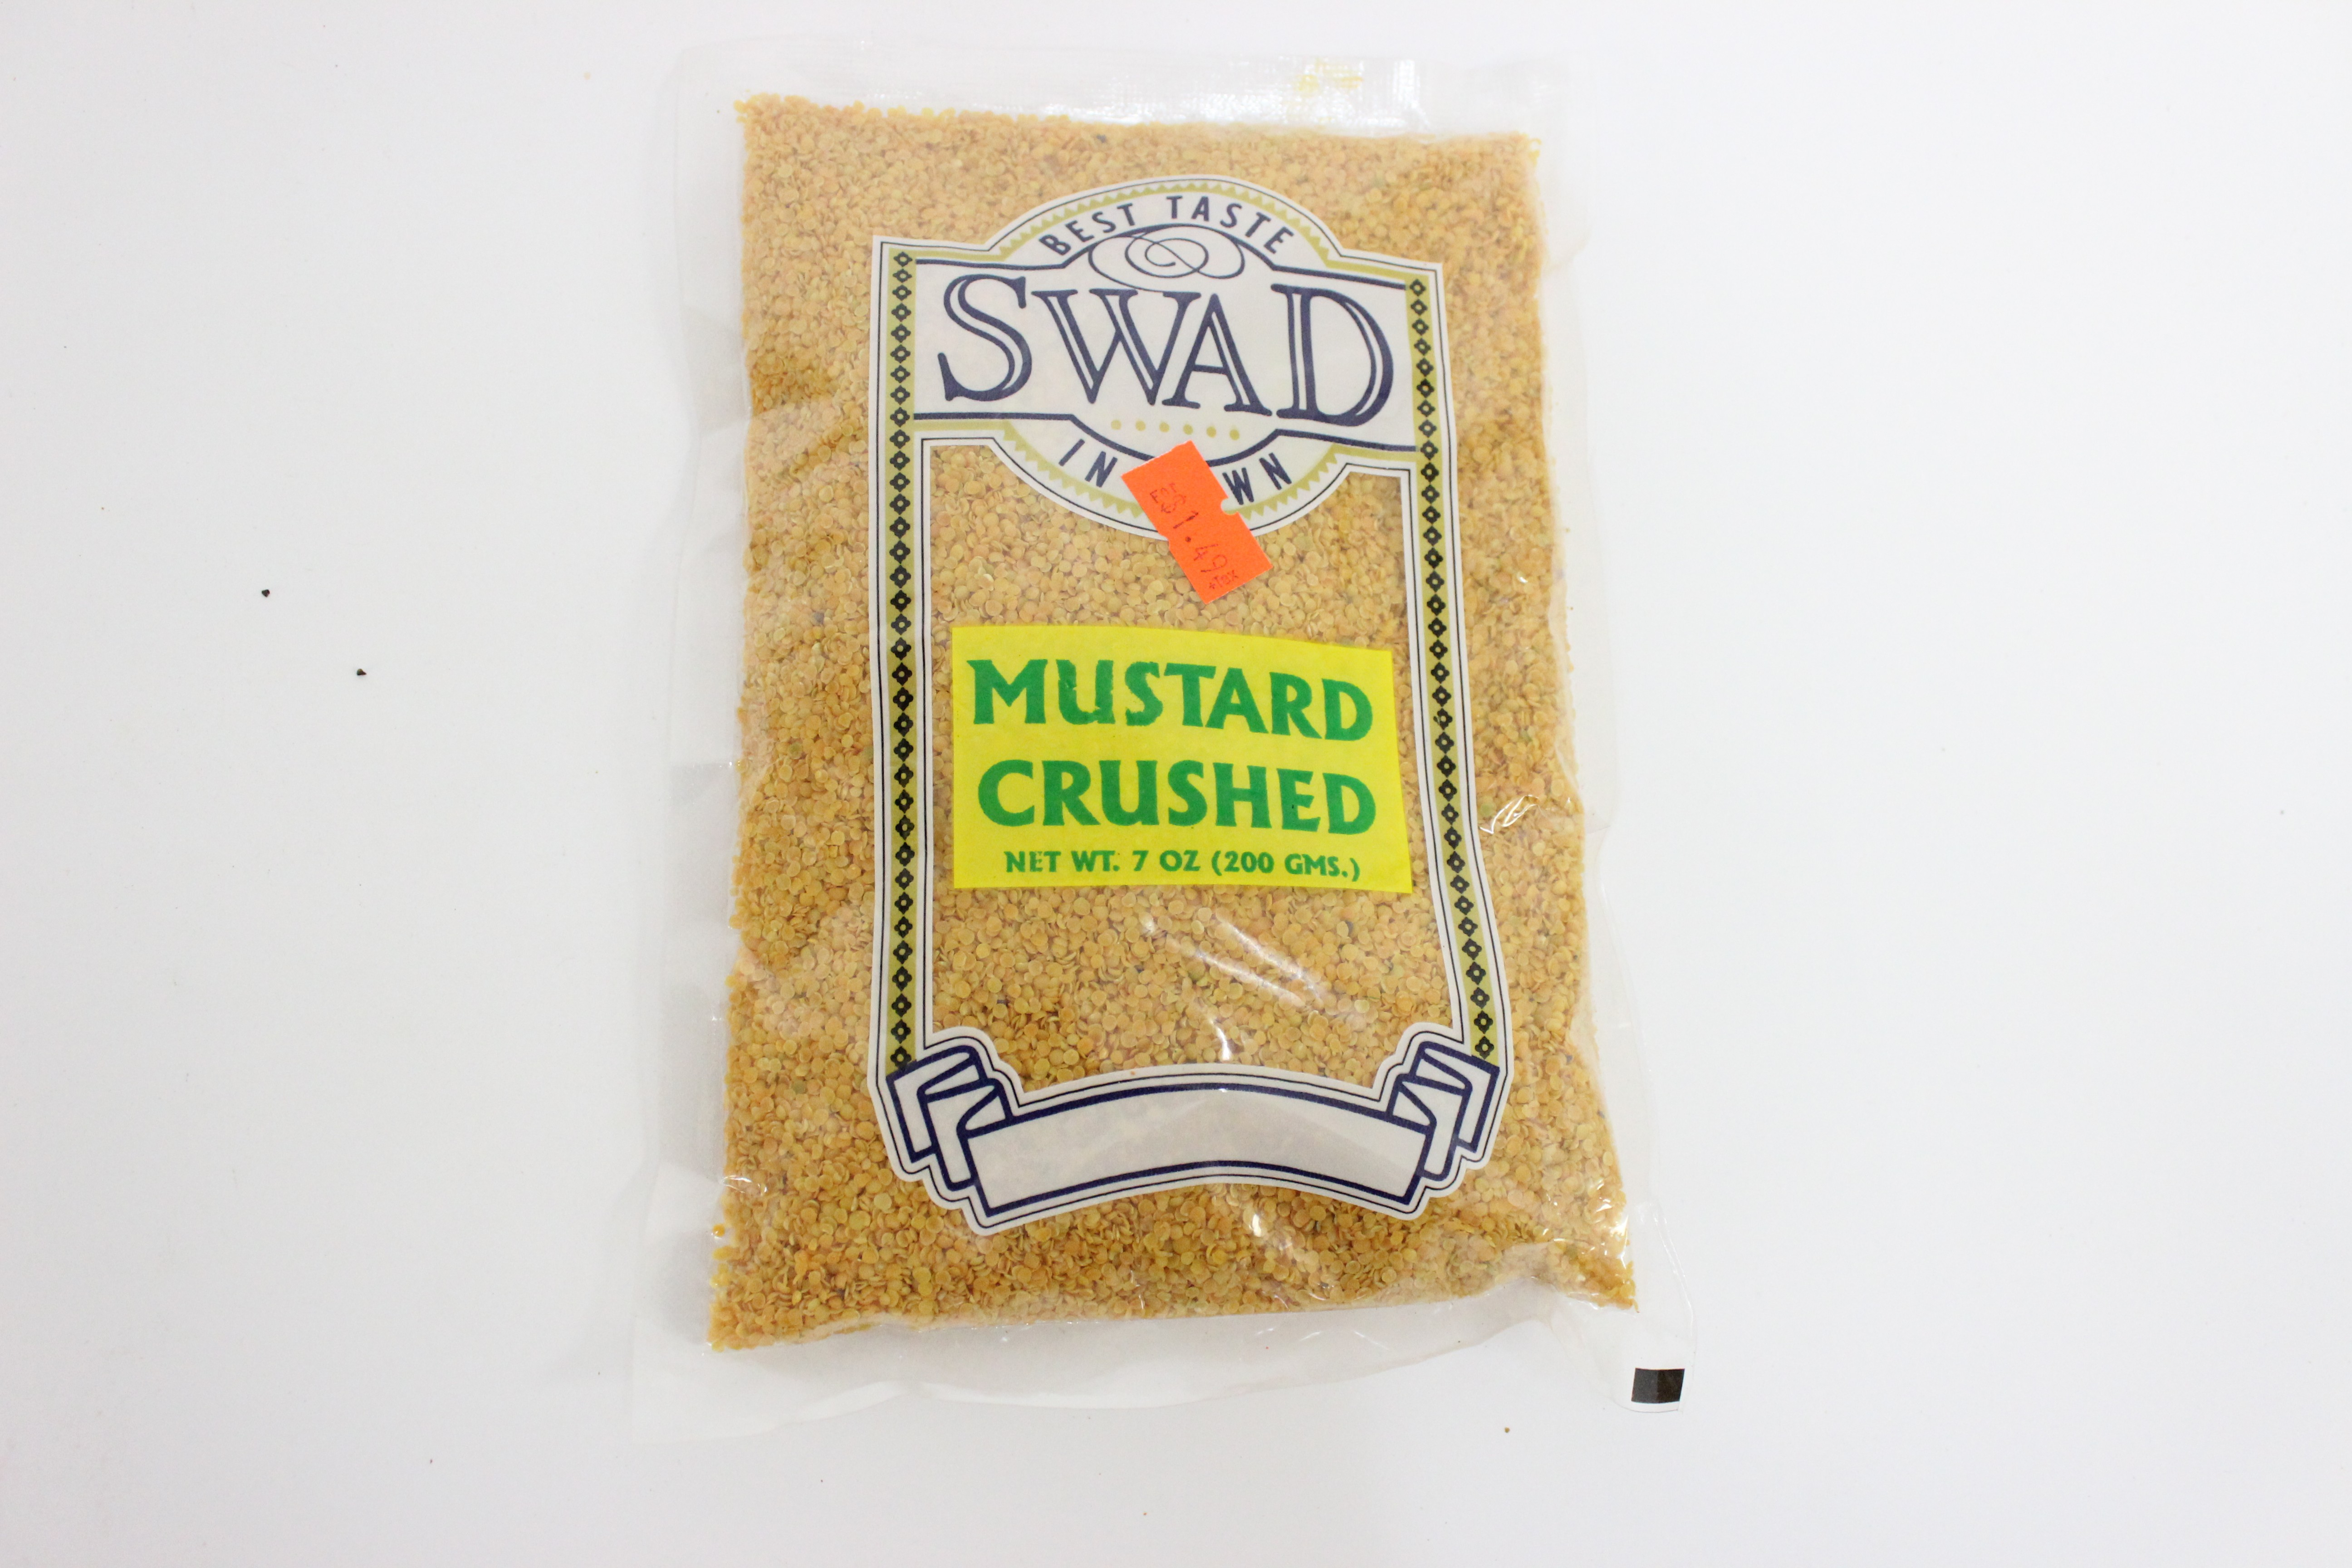 Mustard Crushed 7 oz